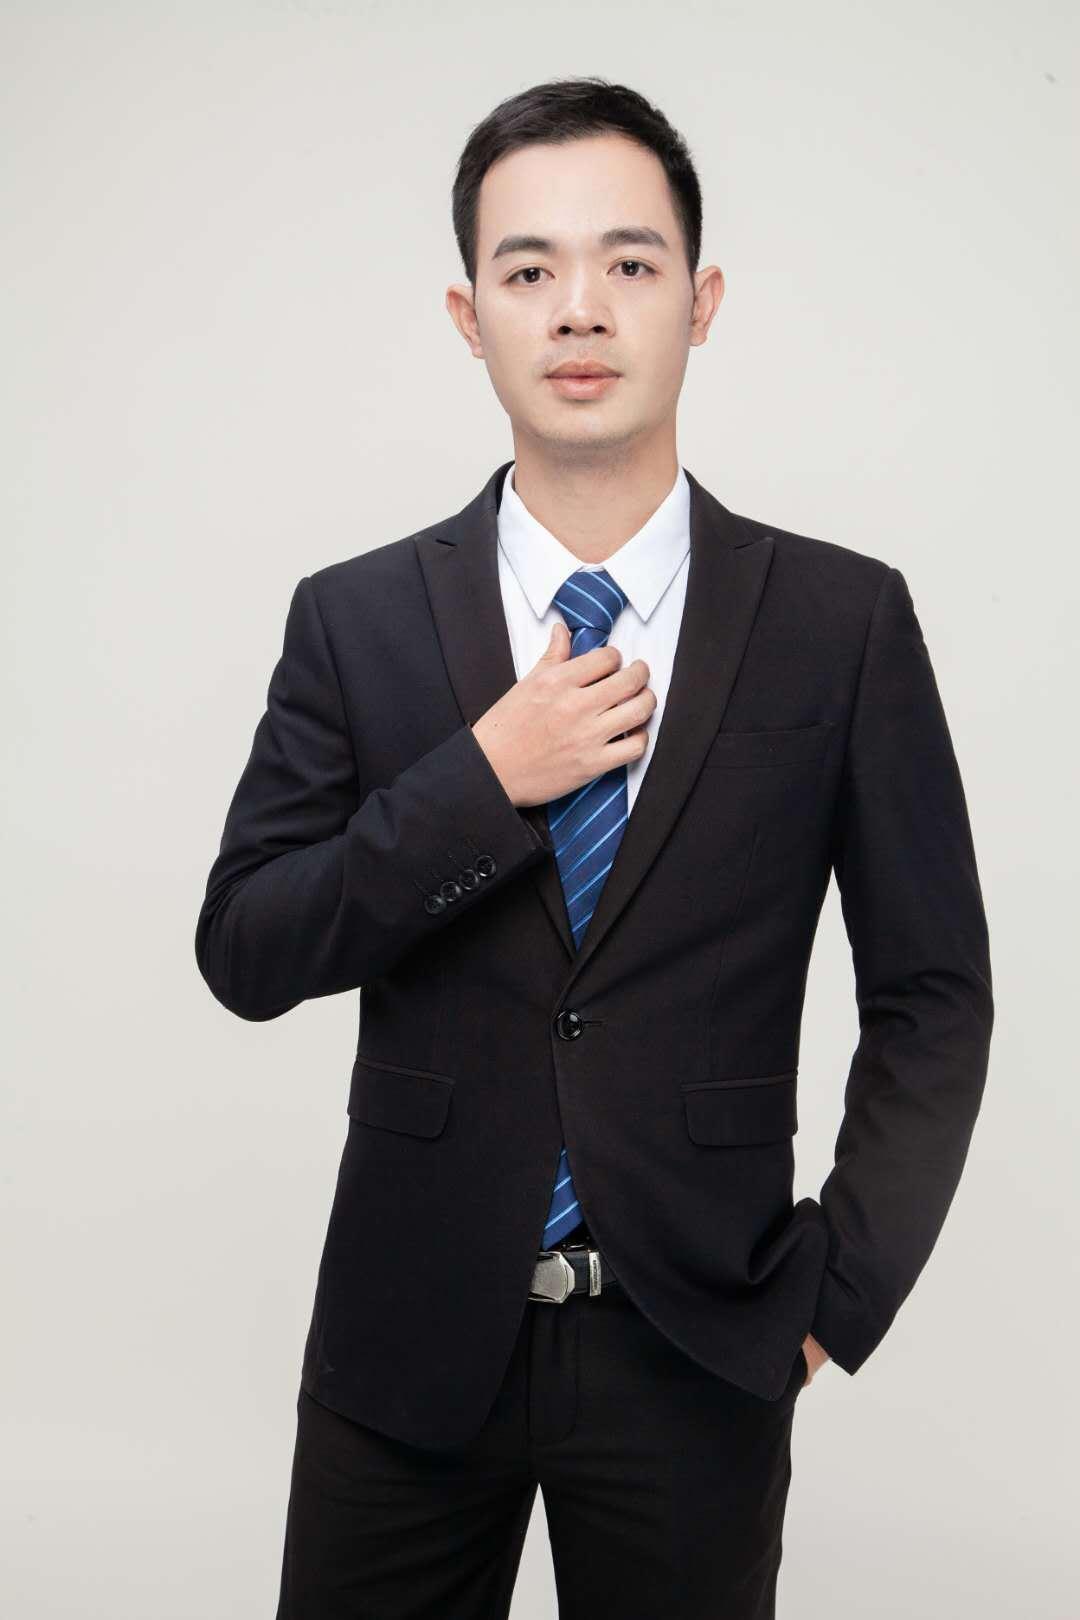 周红安律师1